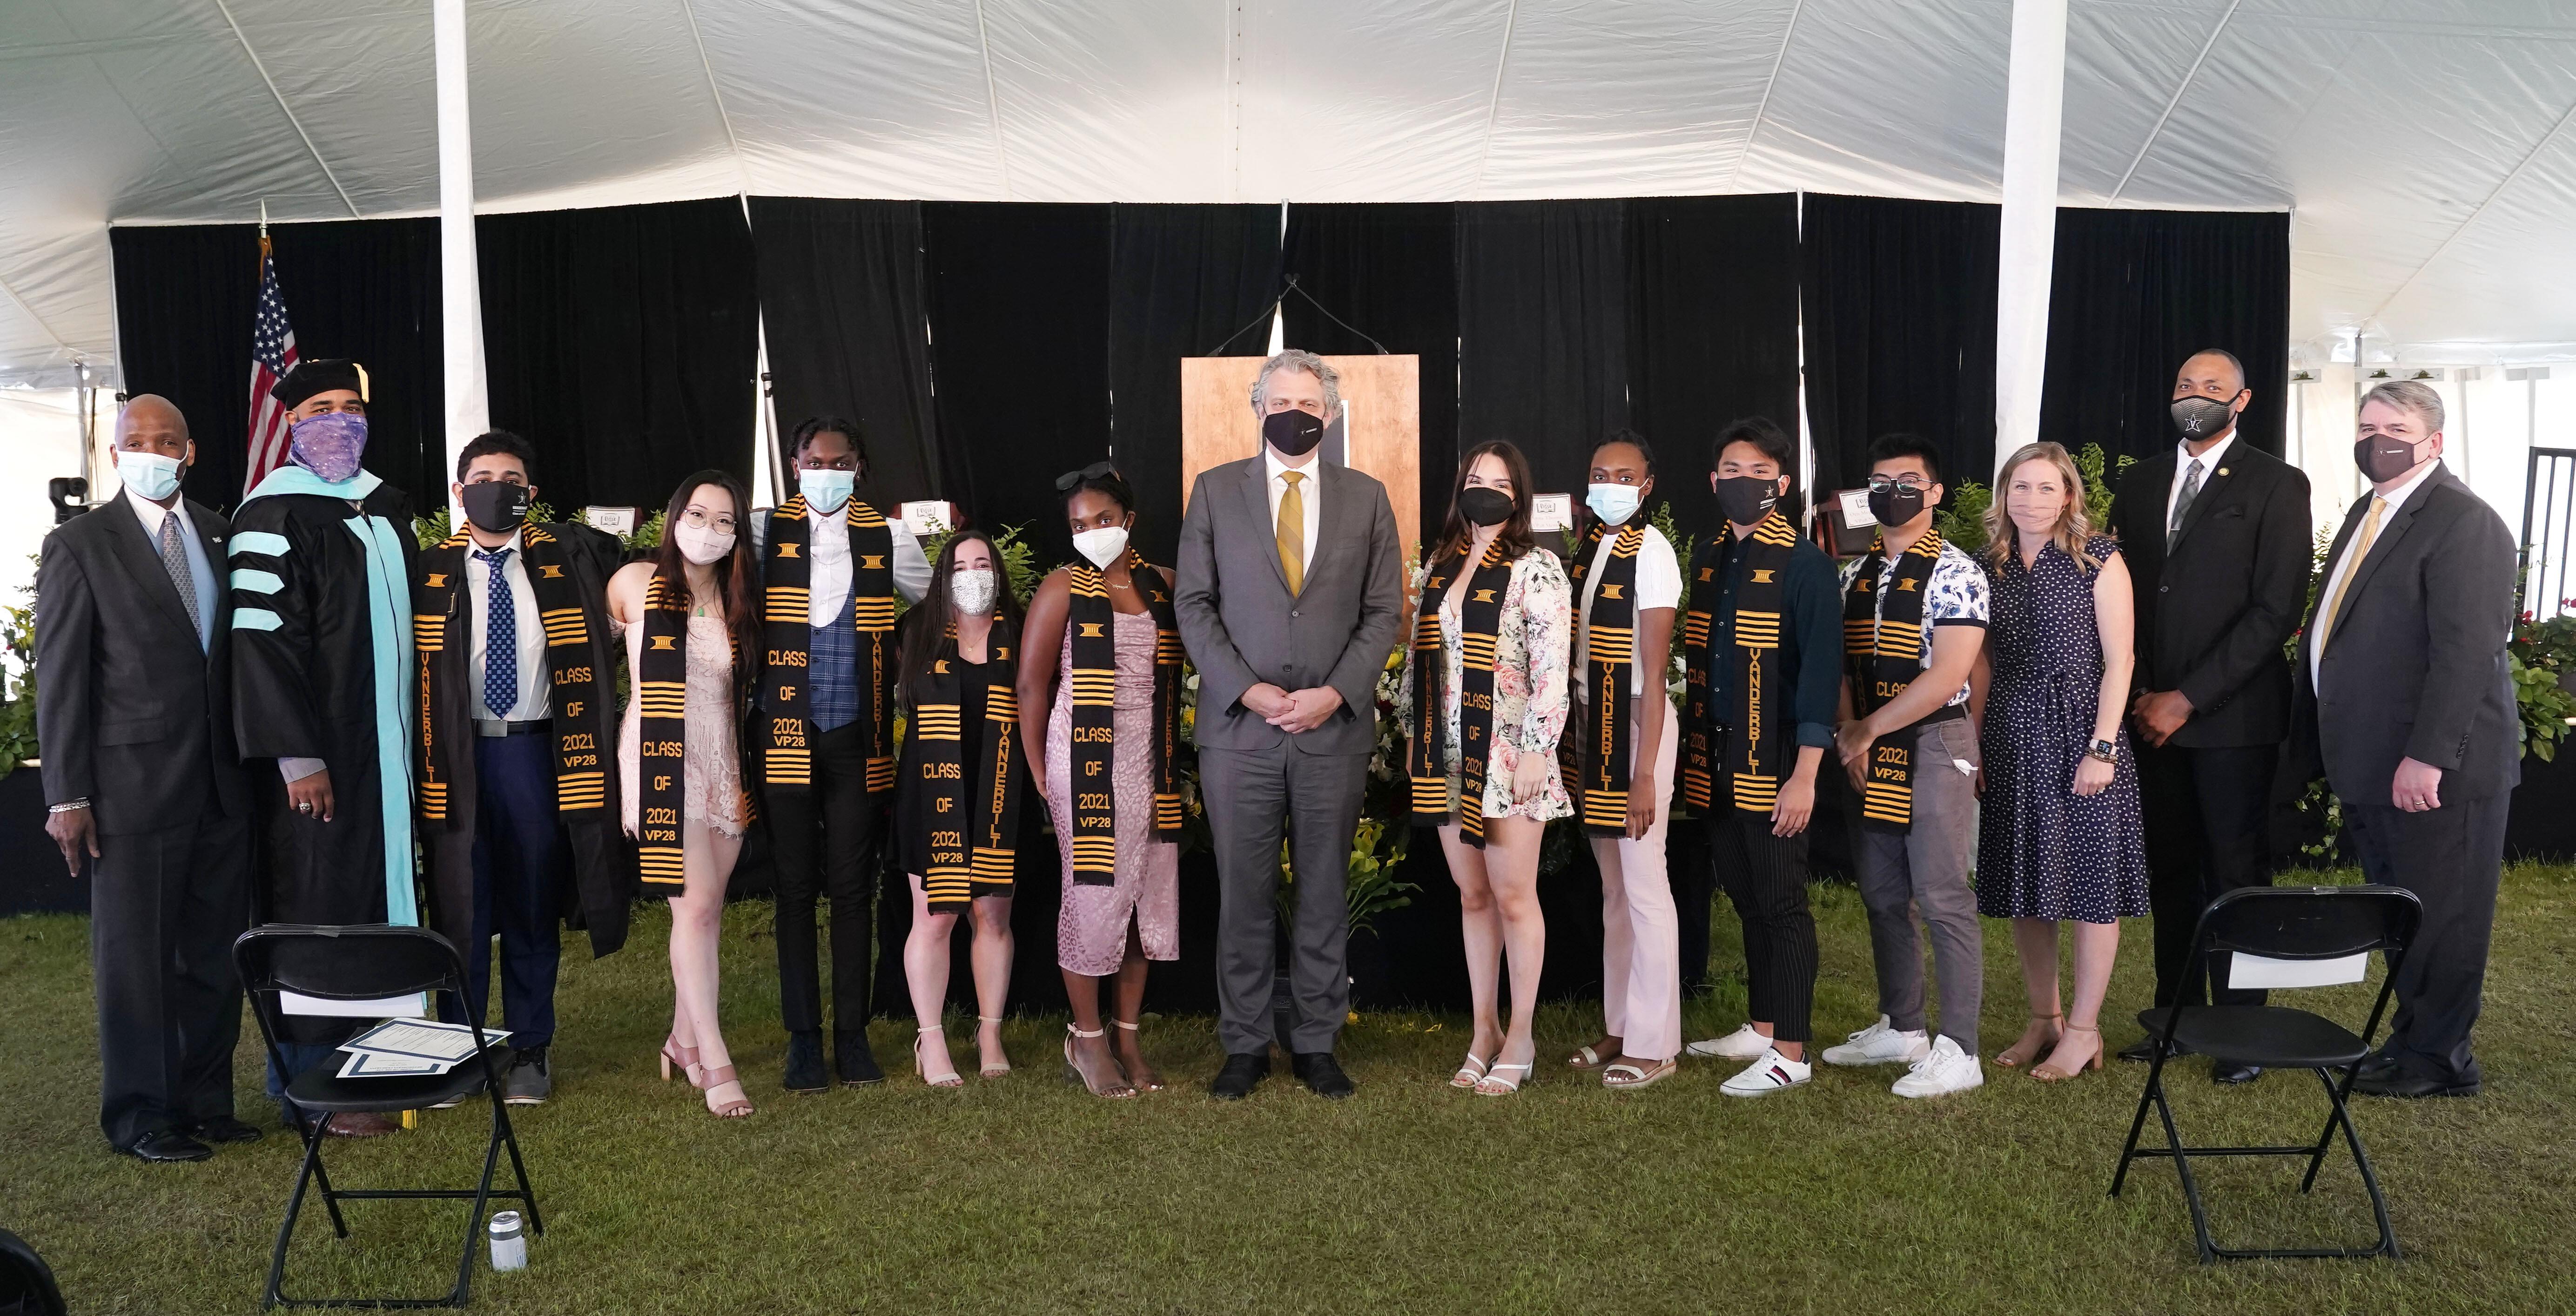 2021 Graduate Recognition Ceremonies